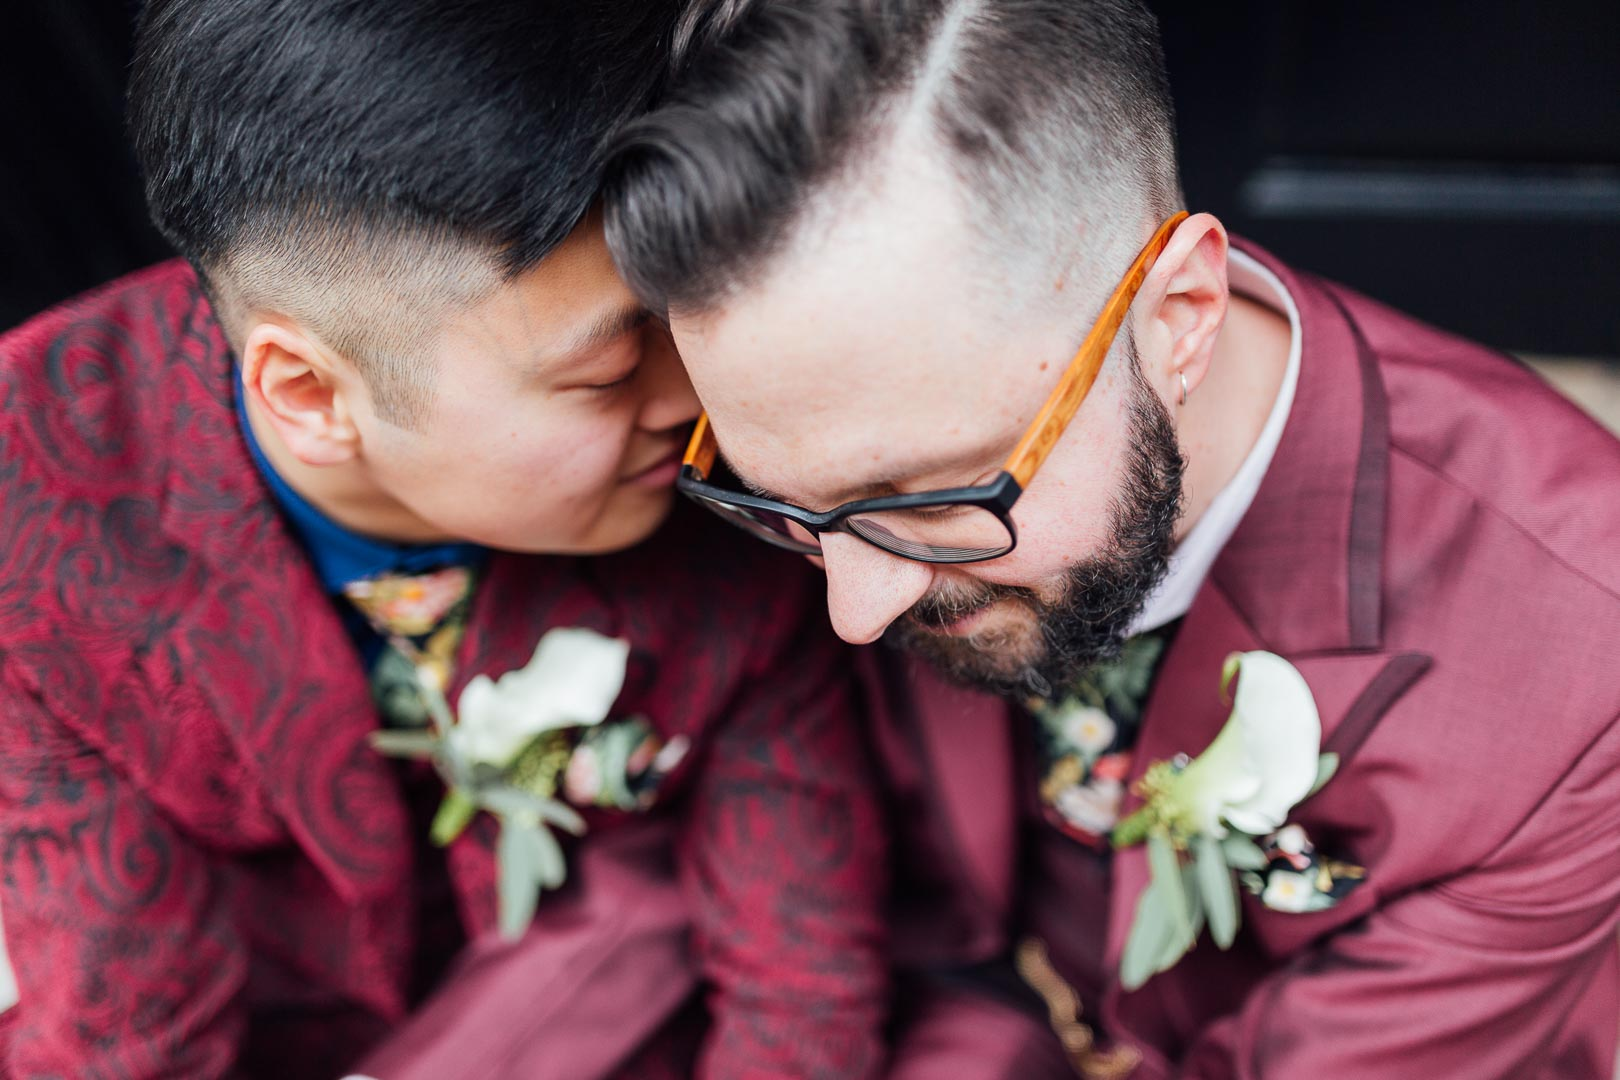 Zwei Bräutigame in weinroten Anzügen lehnen ihre Köpfe romantisch aneinander